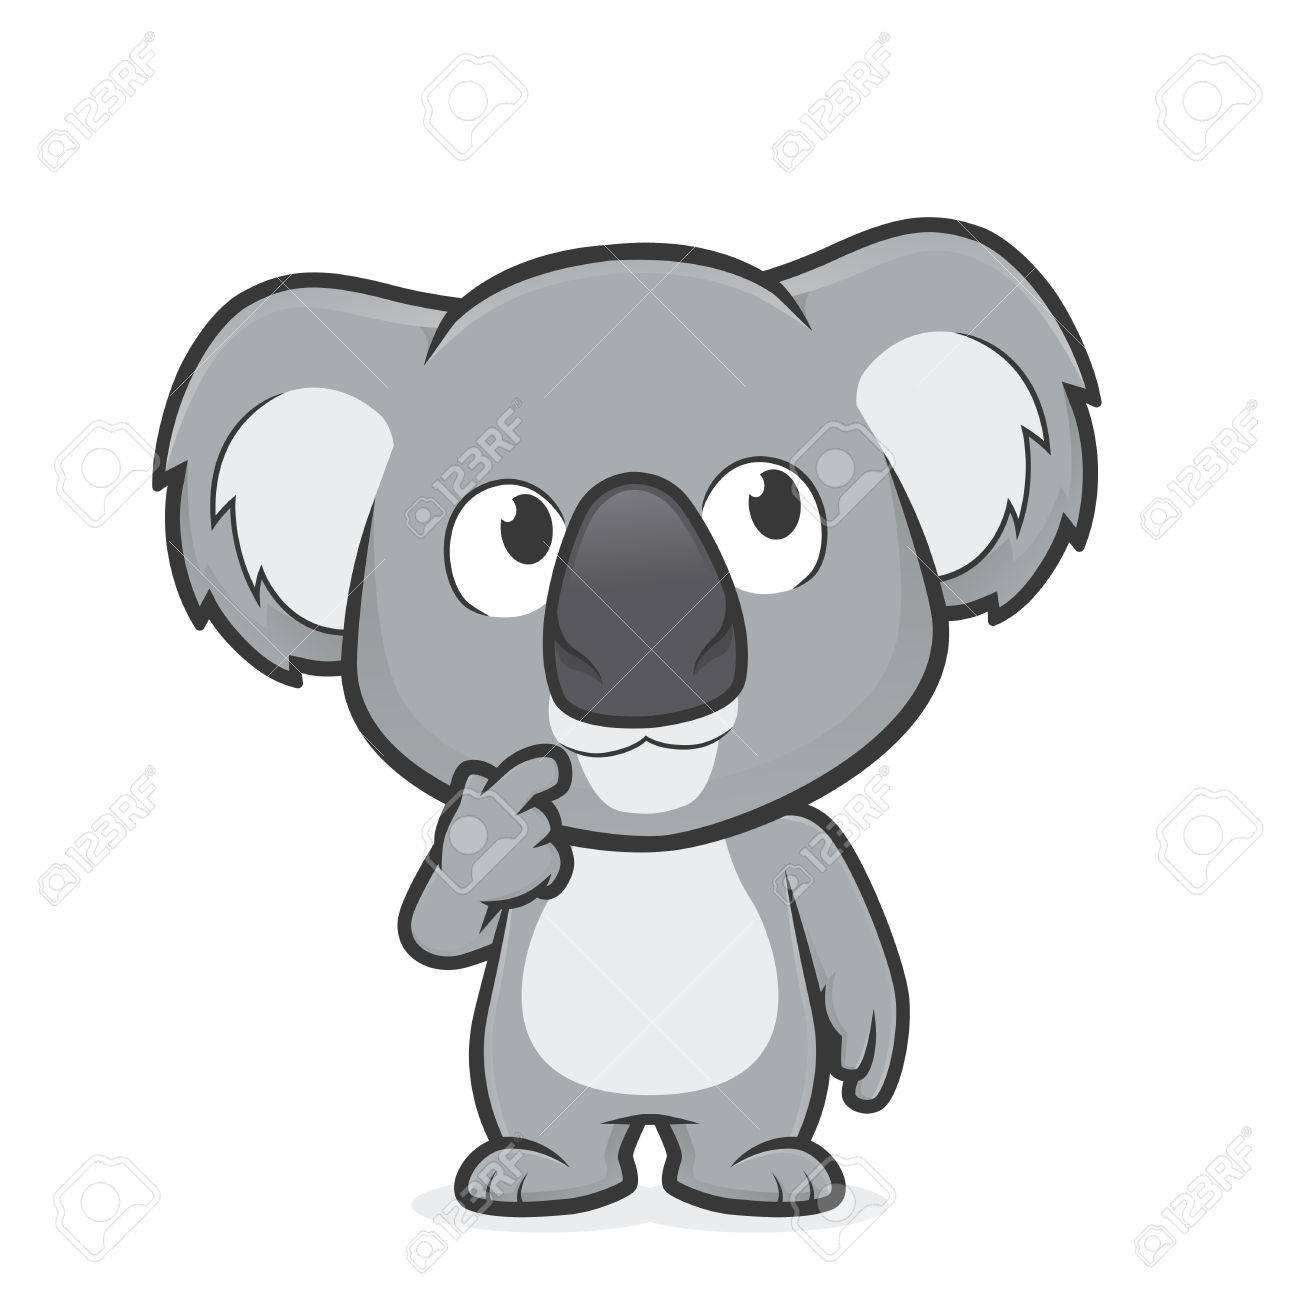 Illustration De Dessin Anime De Koala Dans Le Geste De La Pensee Clip Art Libres De Droits Vecteurs Et Illustration Image 85054647